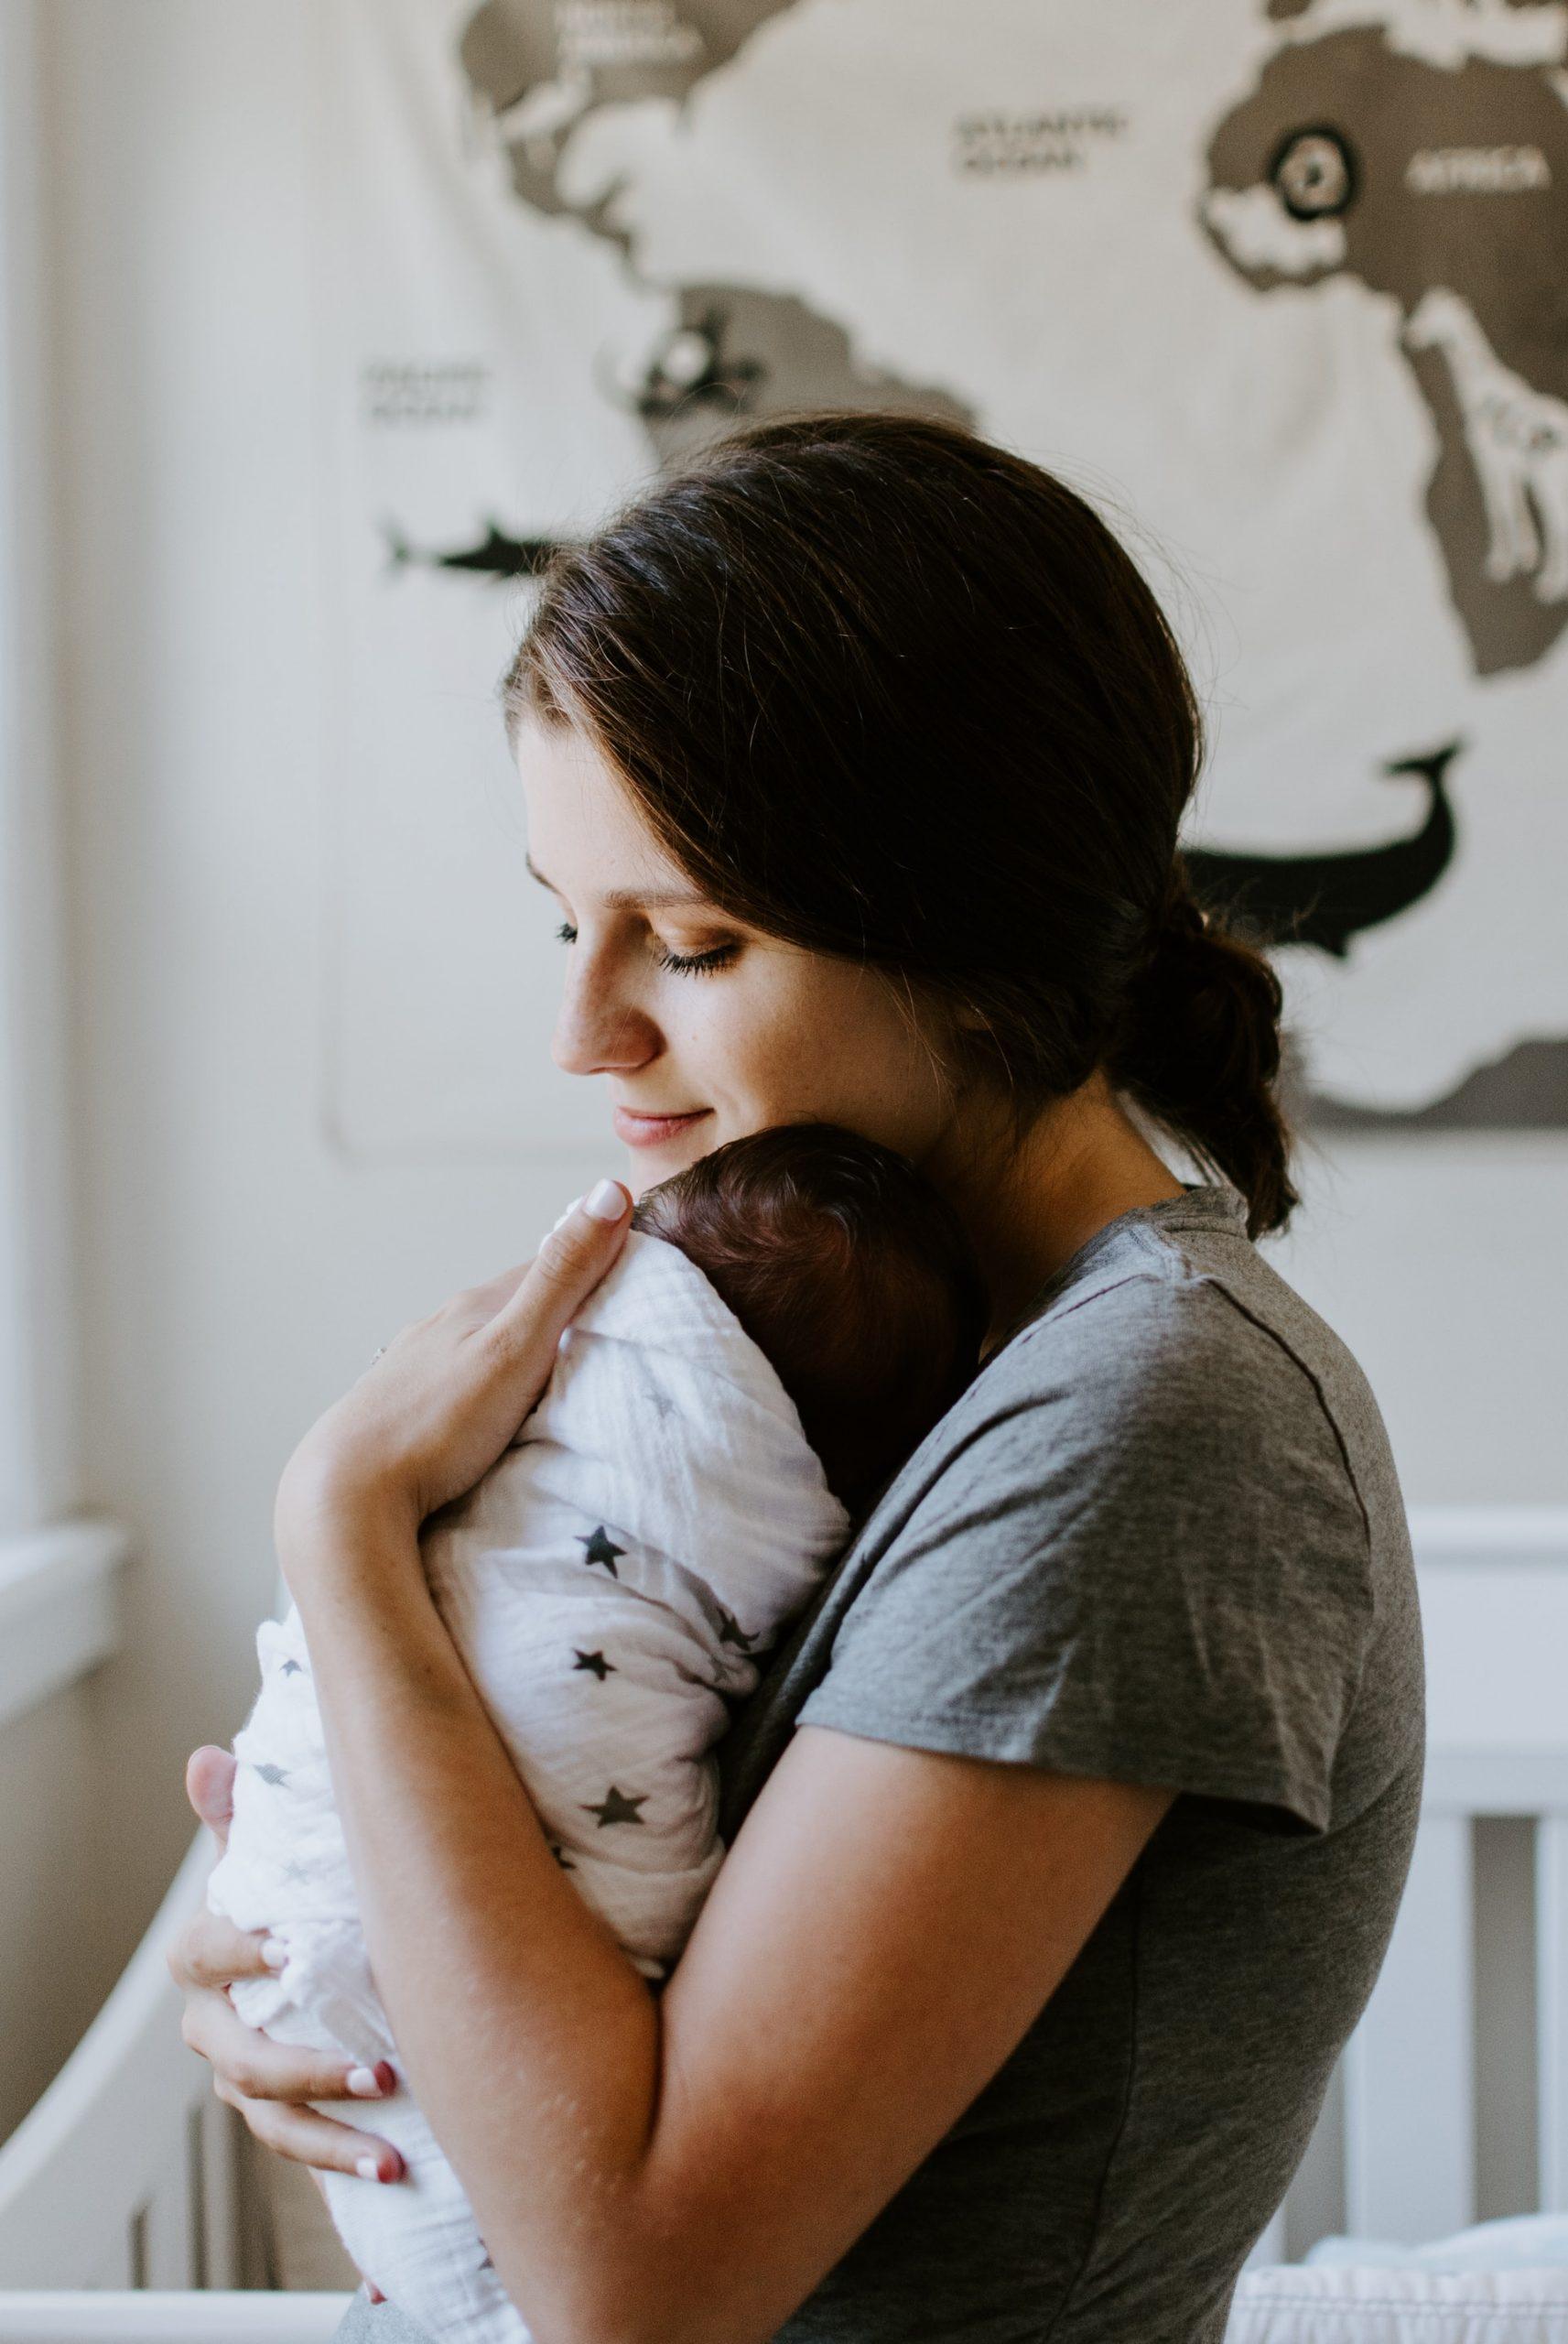 Pandemia ligada ao aumento da depressão e ansiedade em novas mães